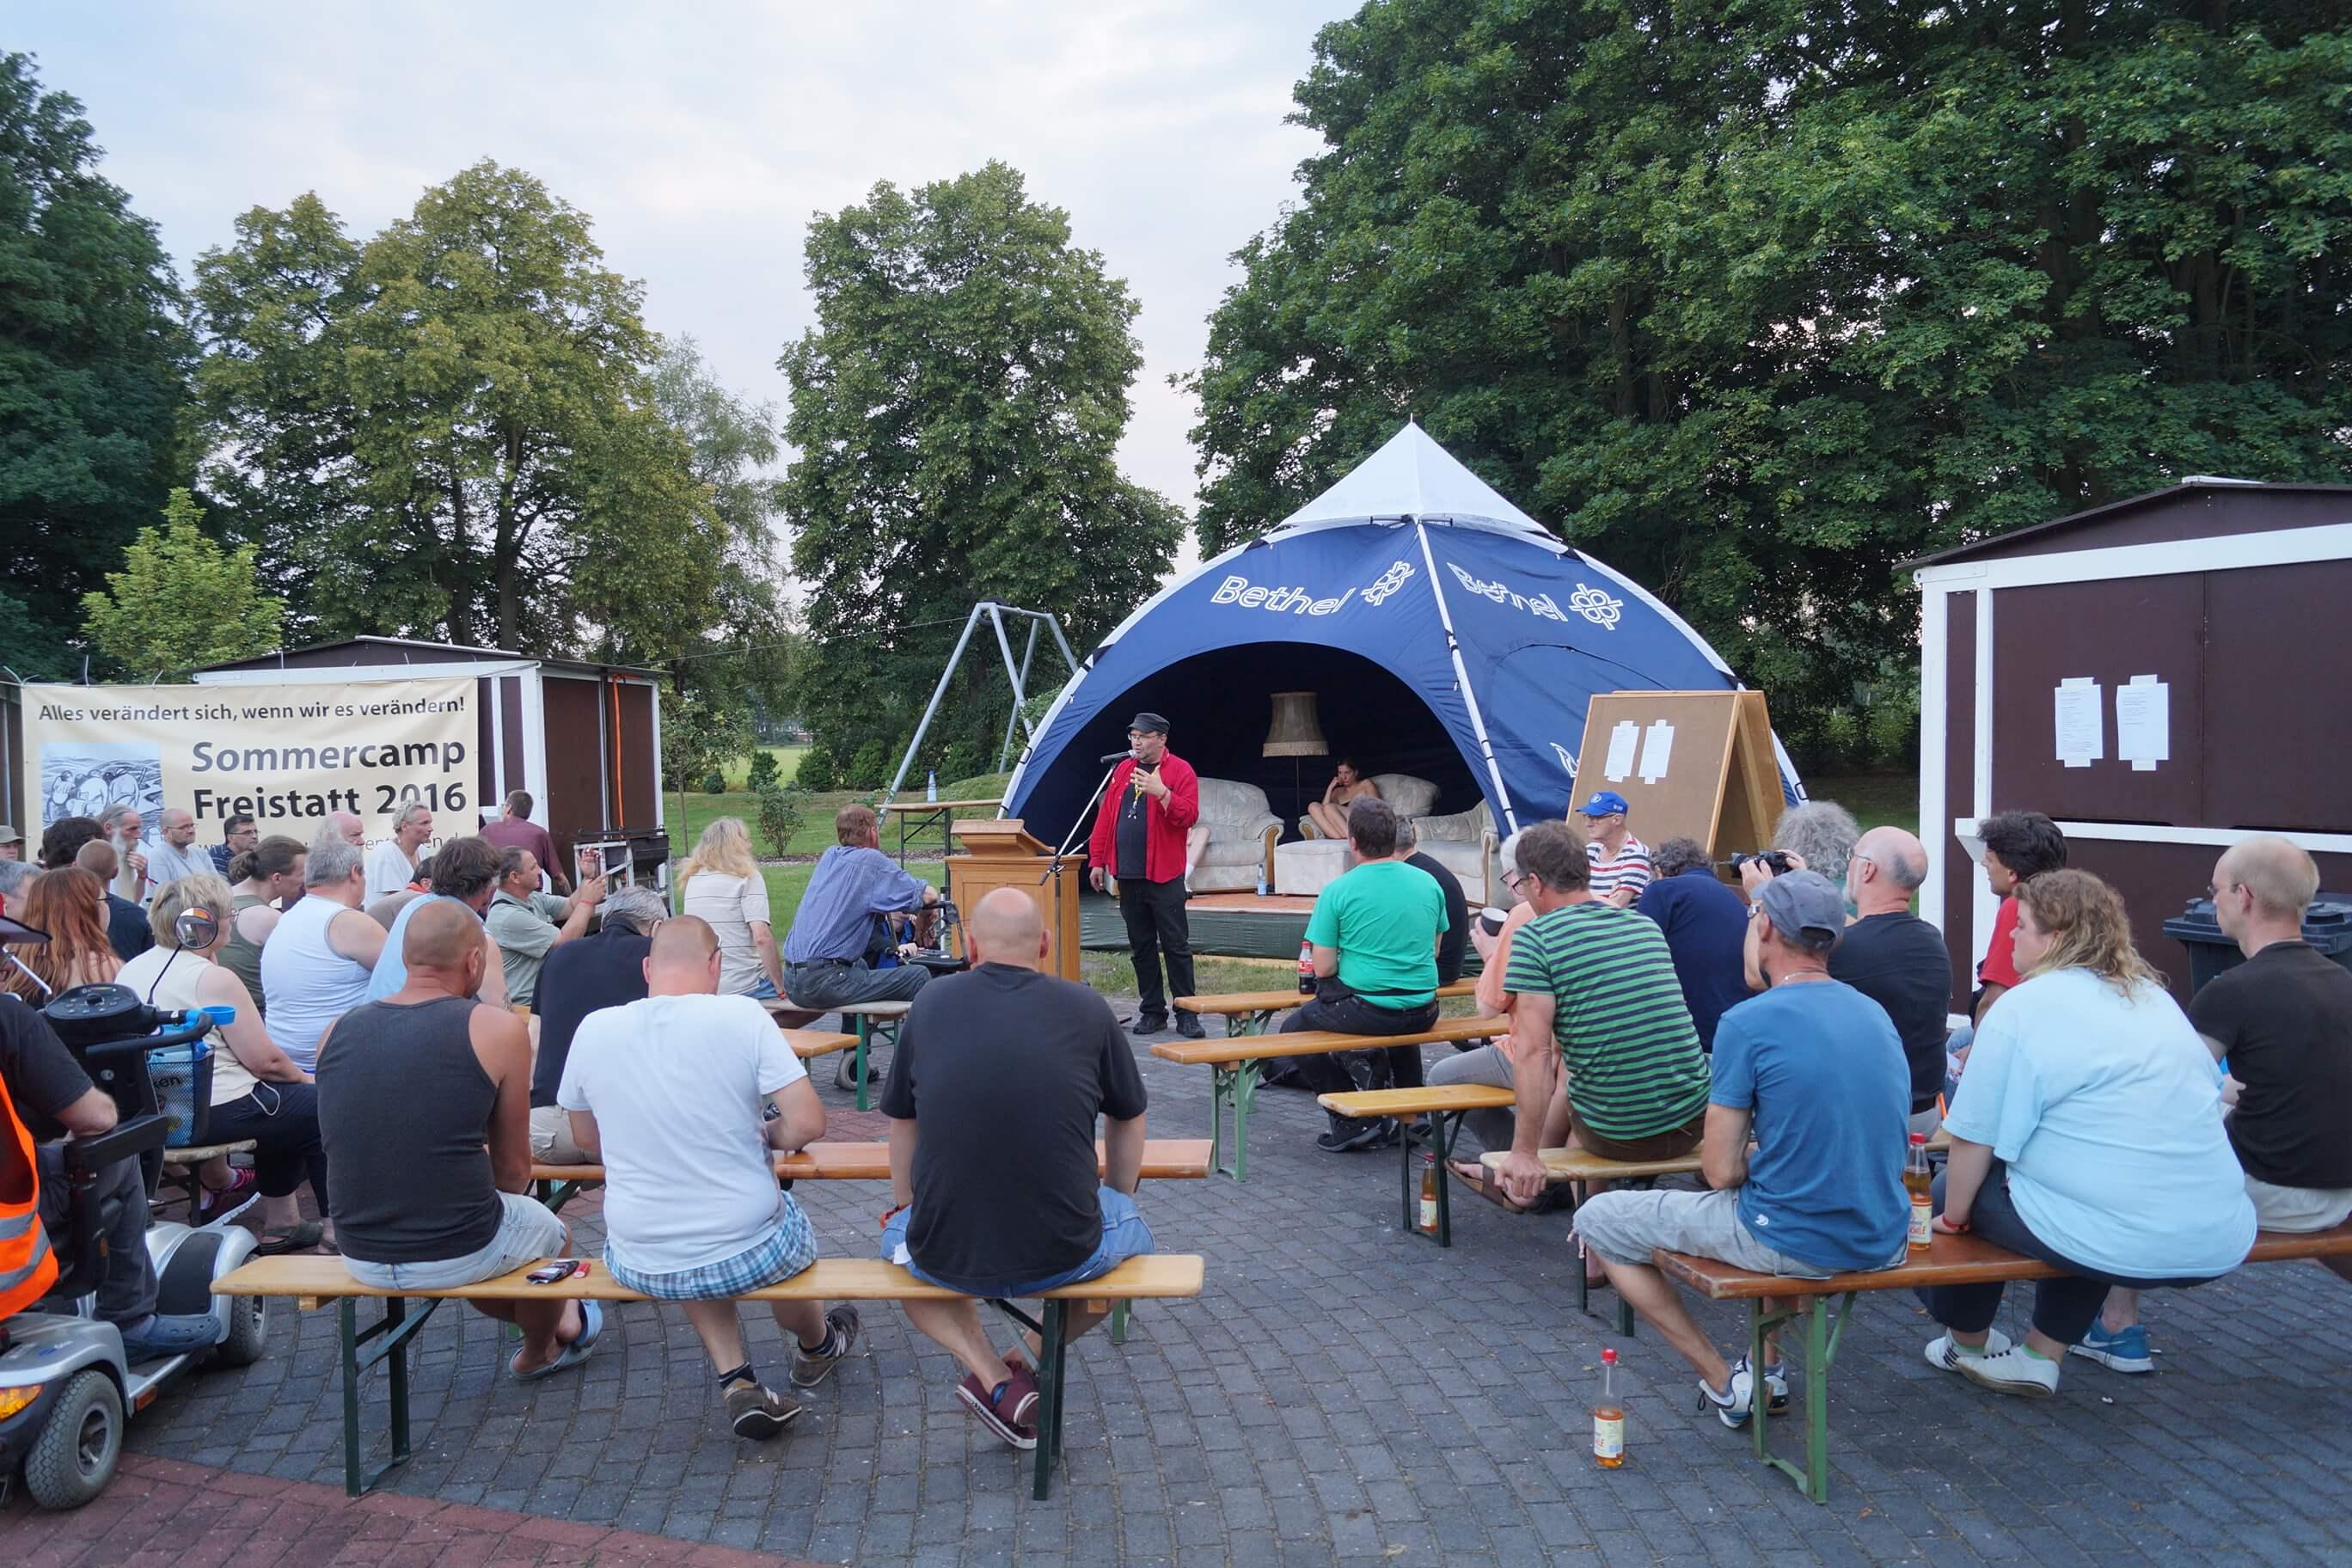 Wohnungslosentreffen Freistatt 2016 - Foto: Freistätter Online Zeitung